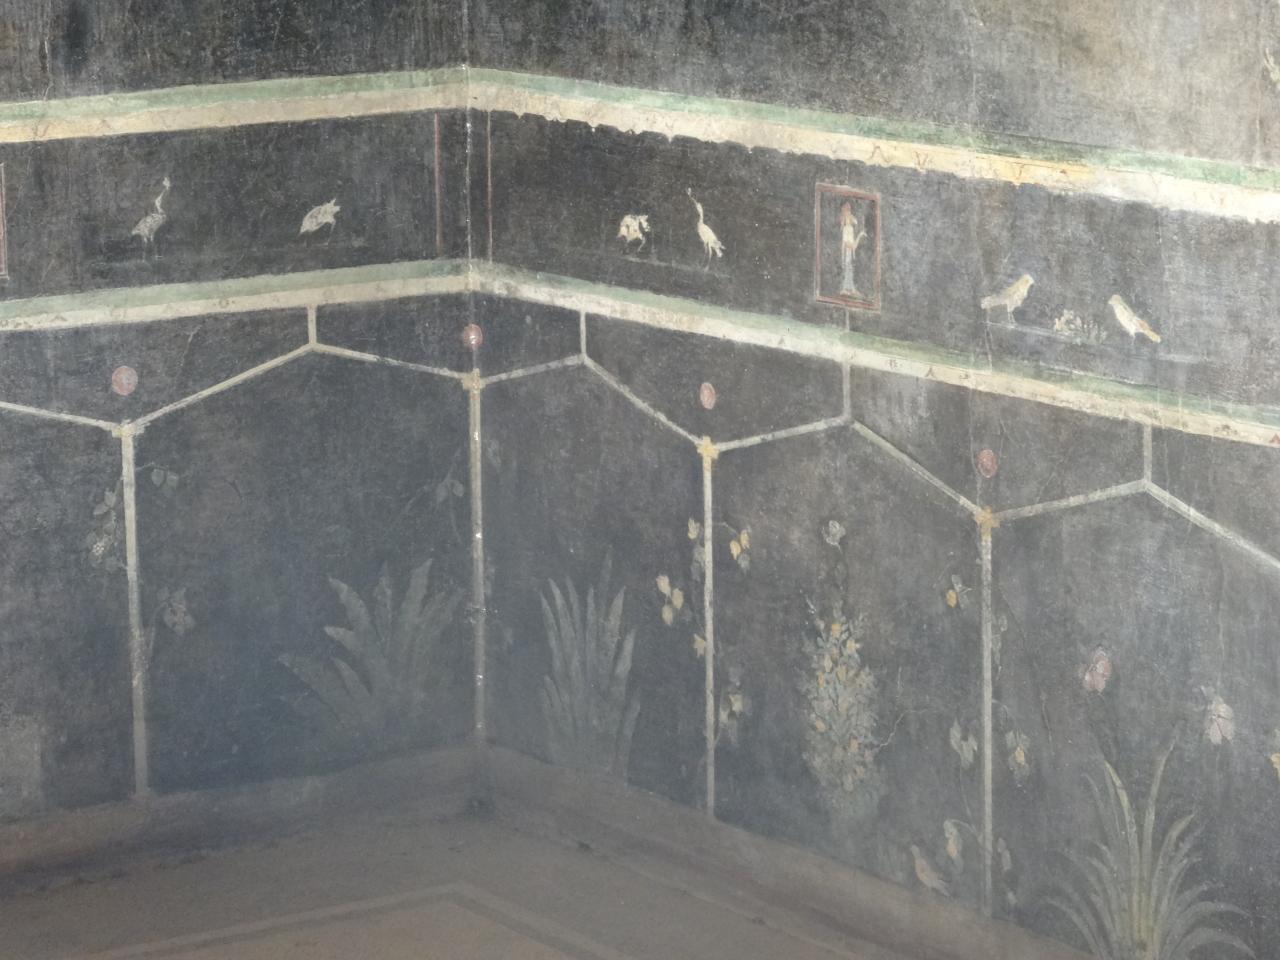 ポンペイ、ヘルクラネウム及びトッレ・アンヌンツィアータの遺跡地域の画像 p1_23